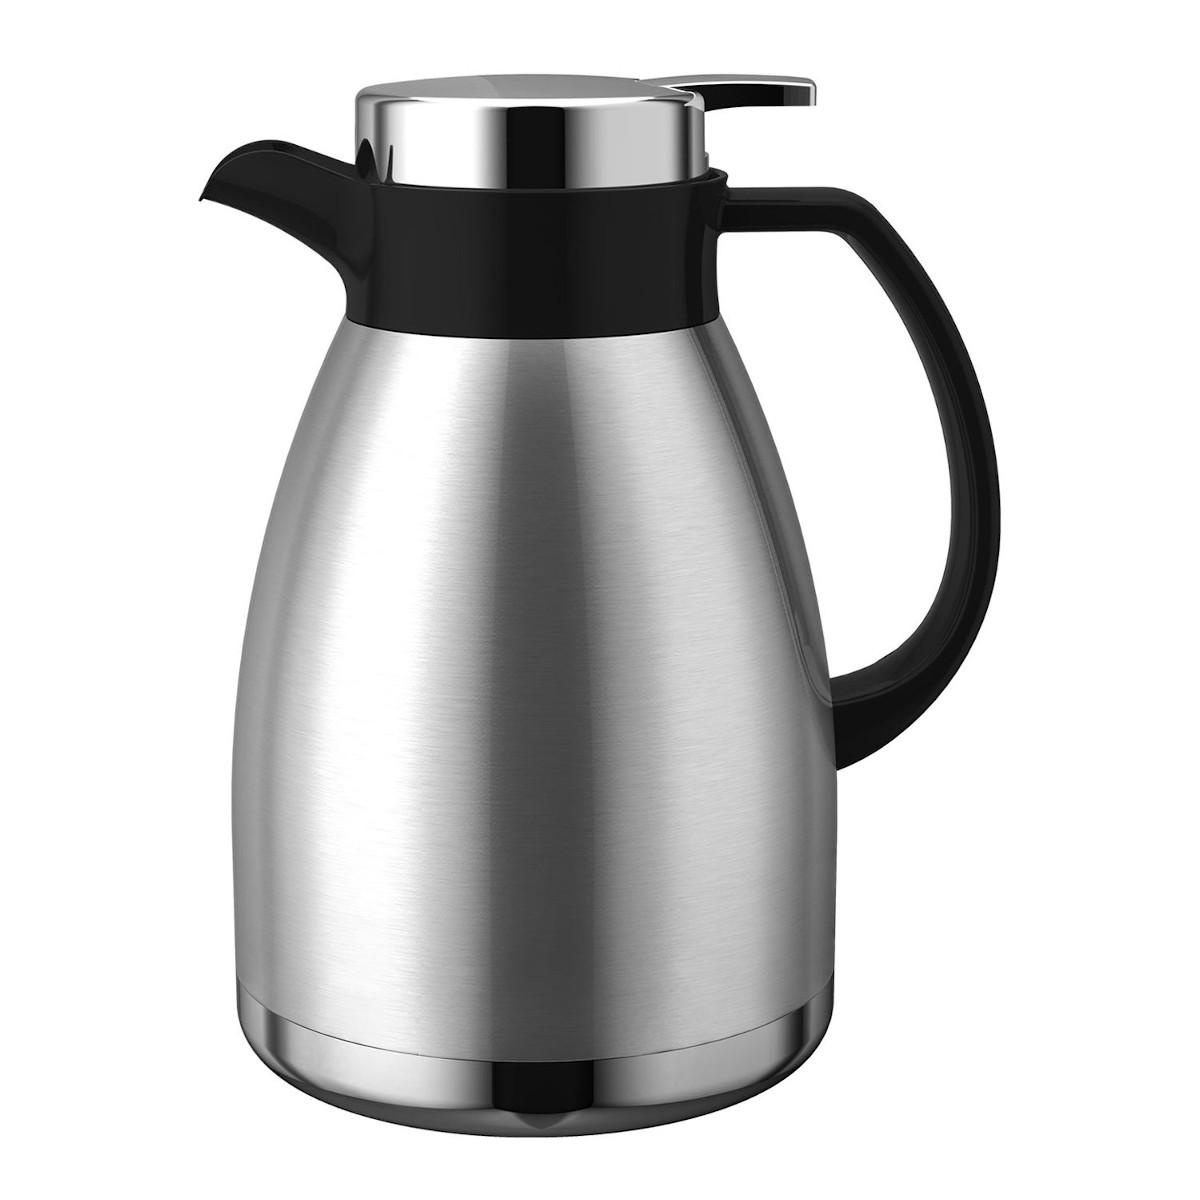 Garrafa Térmica de Café Chá Leite em Aço Inox Lilac 1.2L TP6514 - Termopro